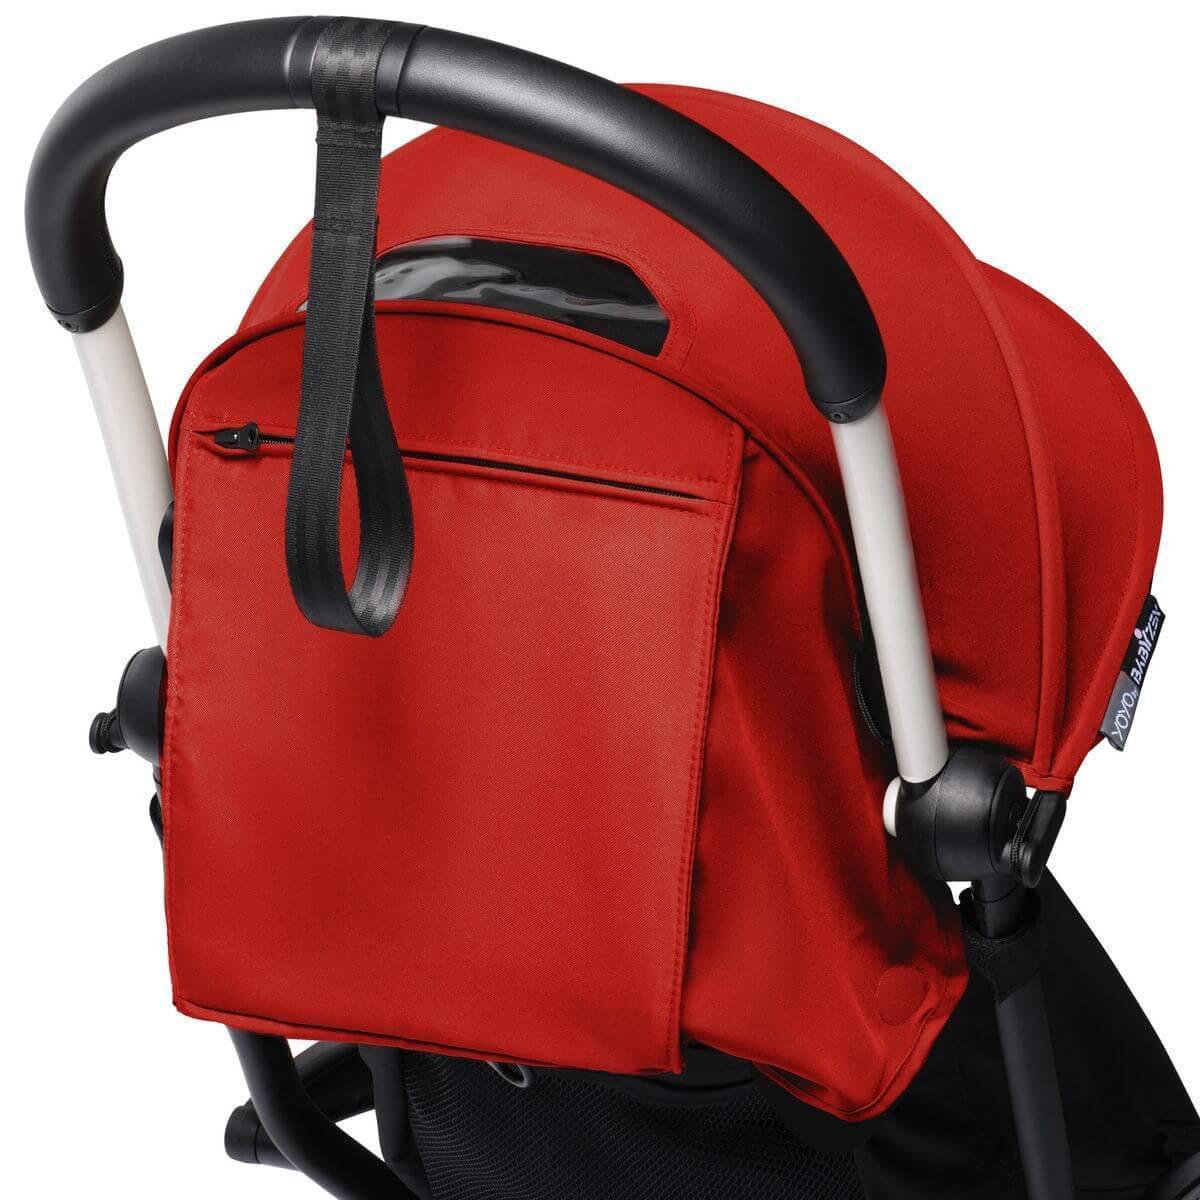 BABYZEN cochecito todo-en-uno YOYO² bassinet car seat 6+ blanco-rojo